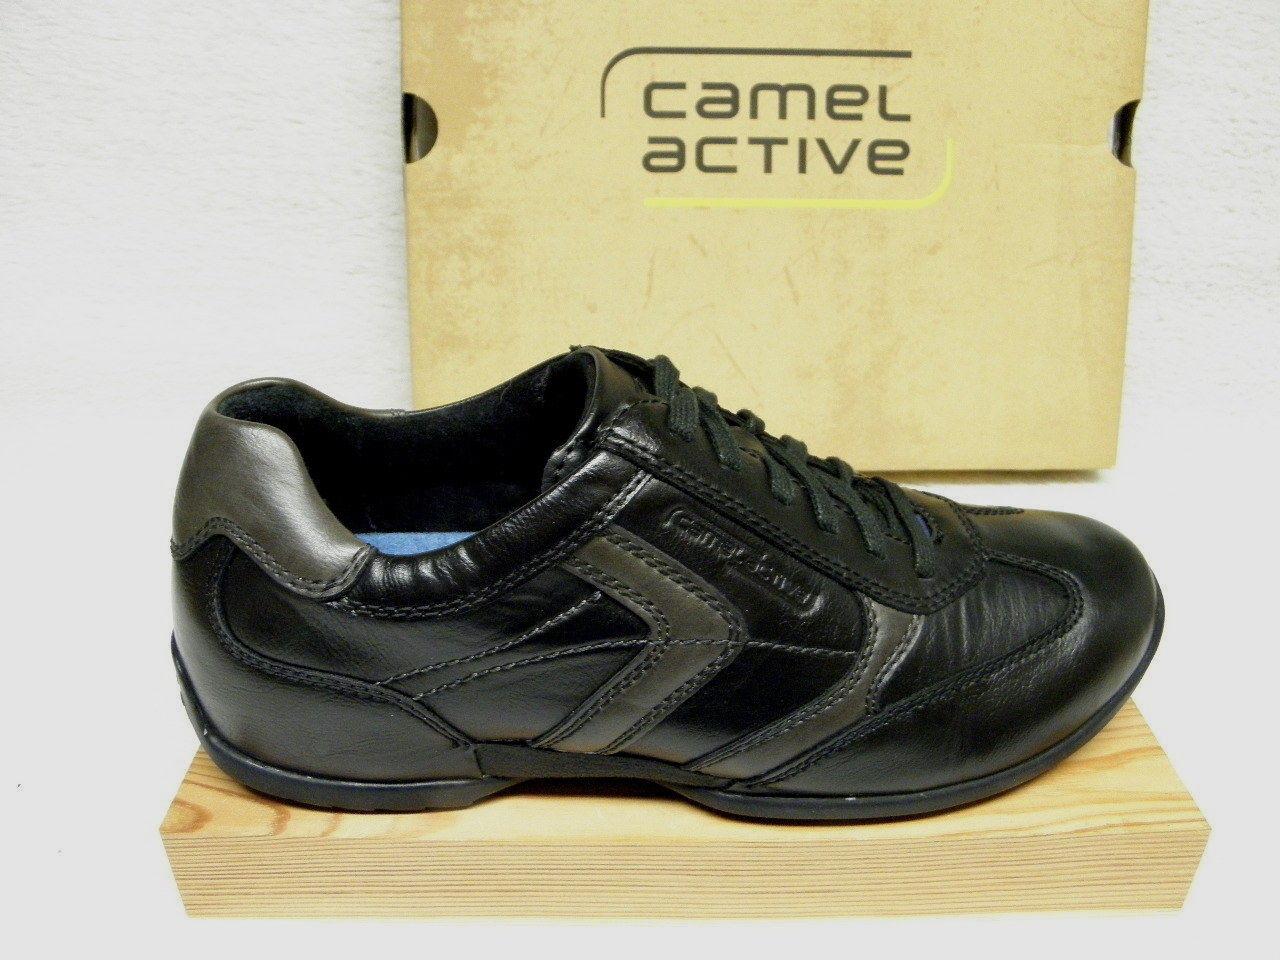 Camel active® hasta 99,95  + premium gratis - medias 137.26.01 (C33)